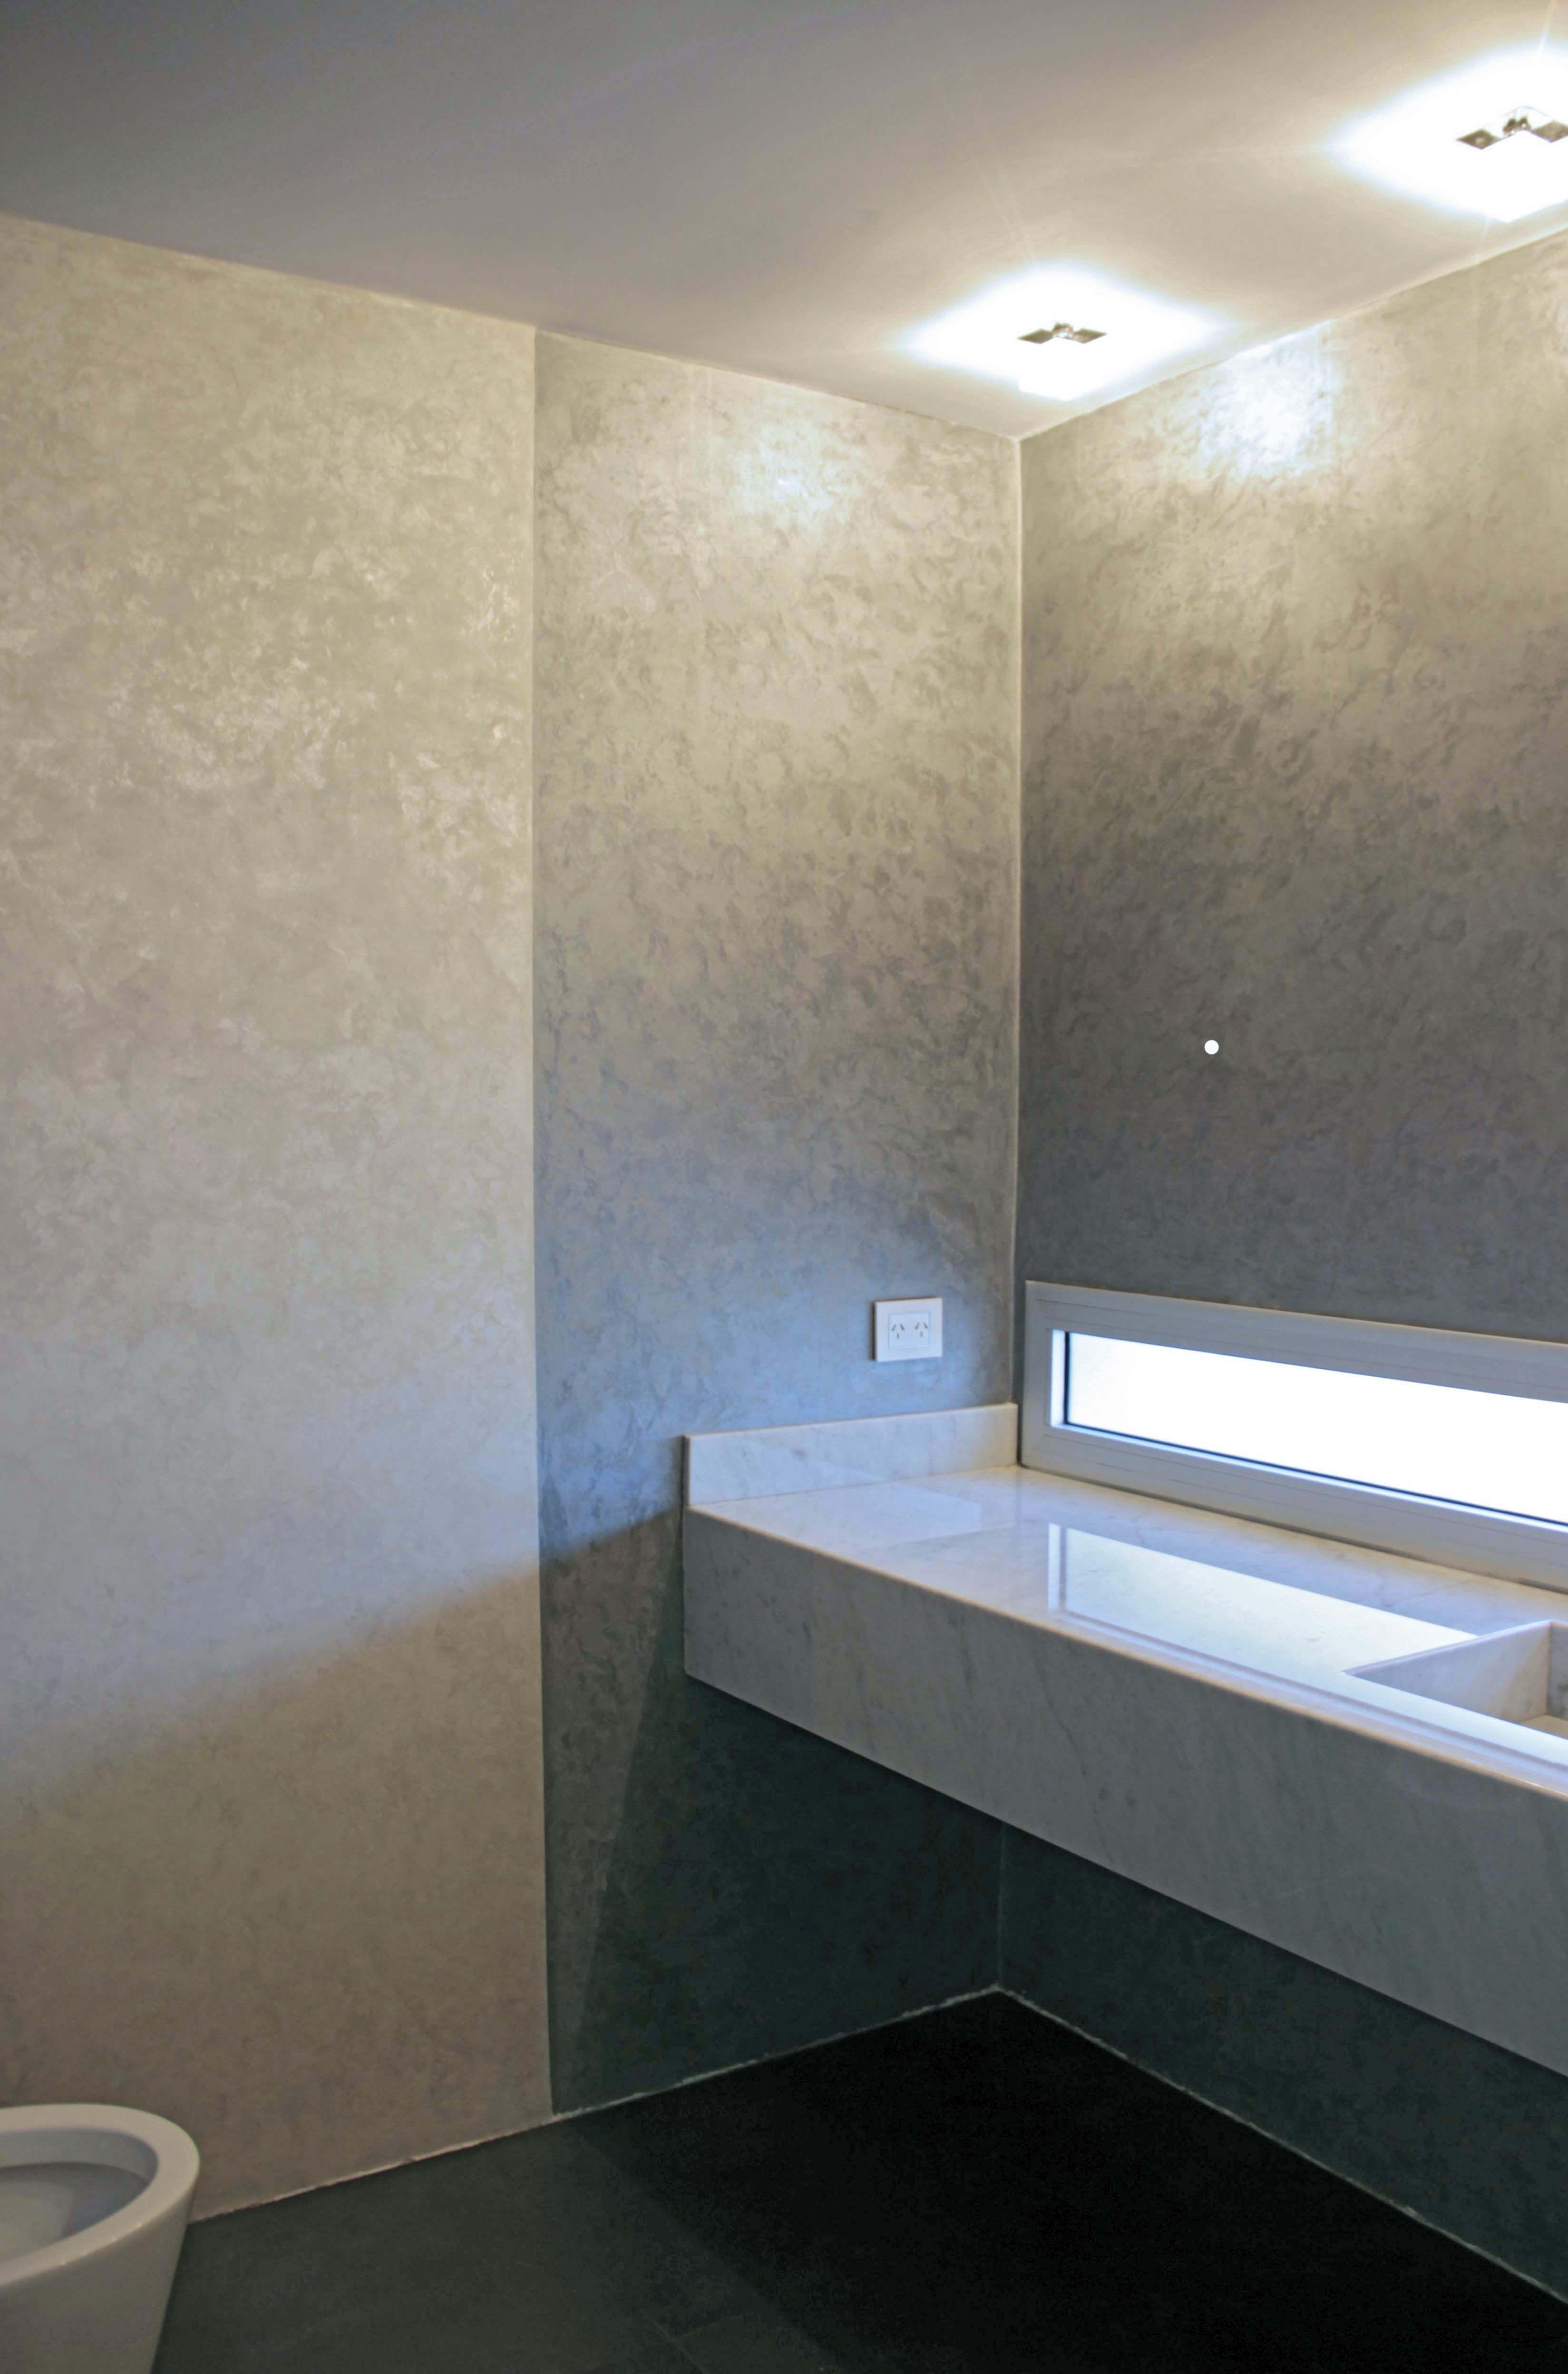 Material de muro cadoro combinaci n de dos colores for Curso de decoracion de interiores zona norte